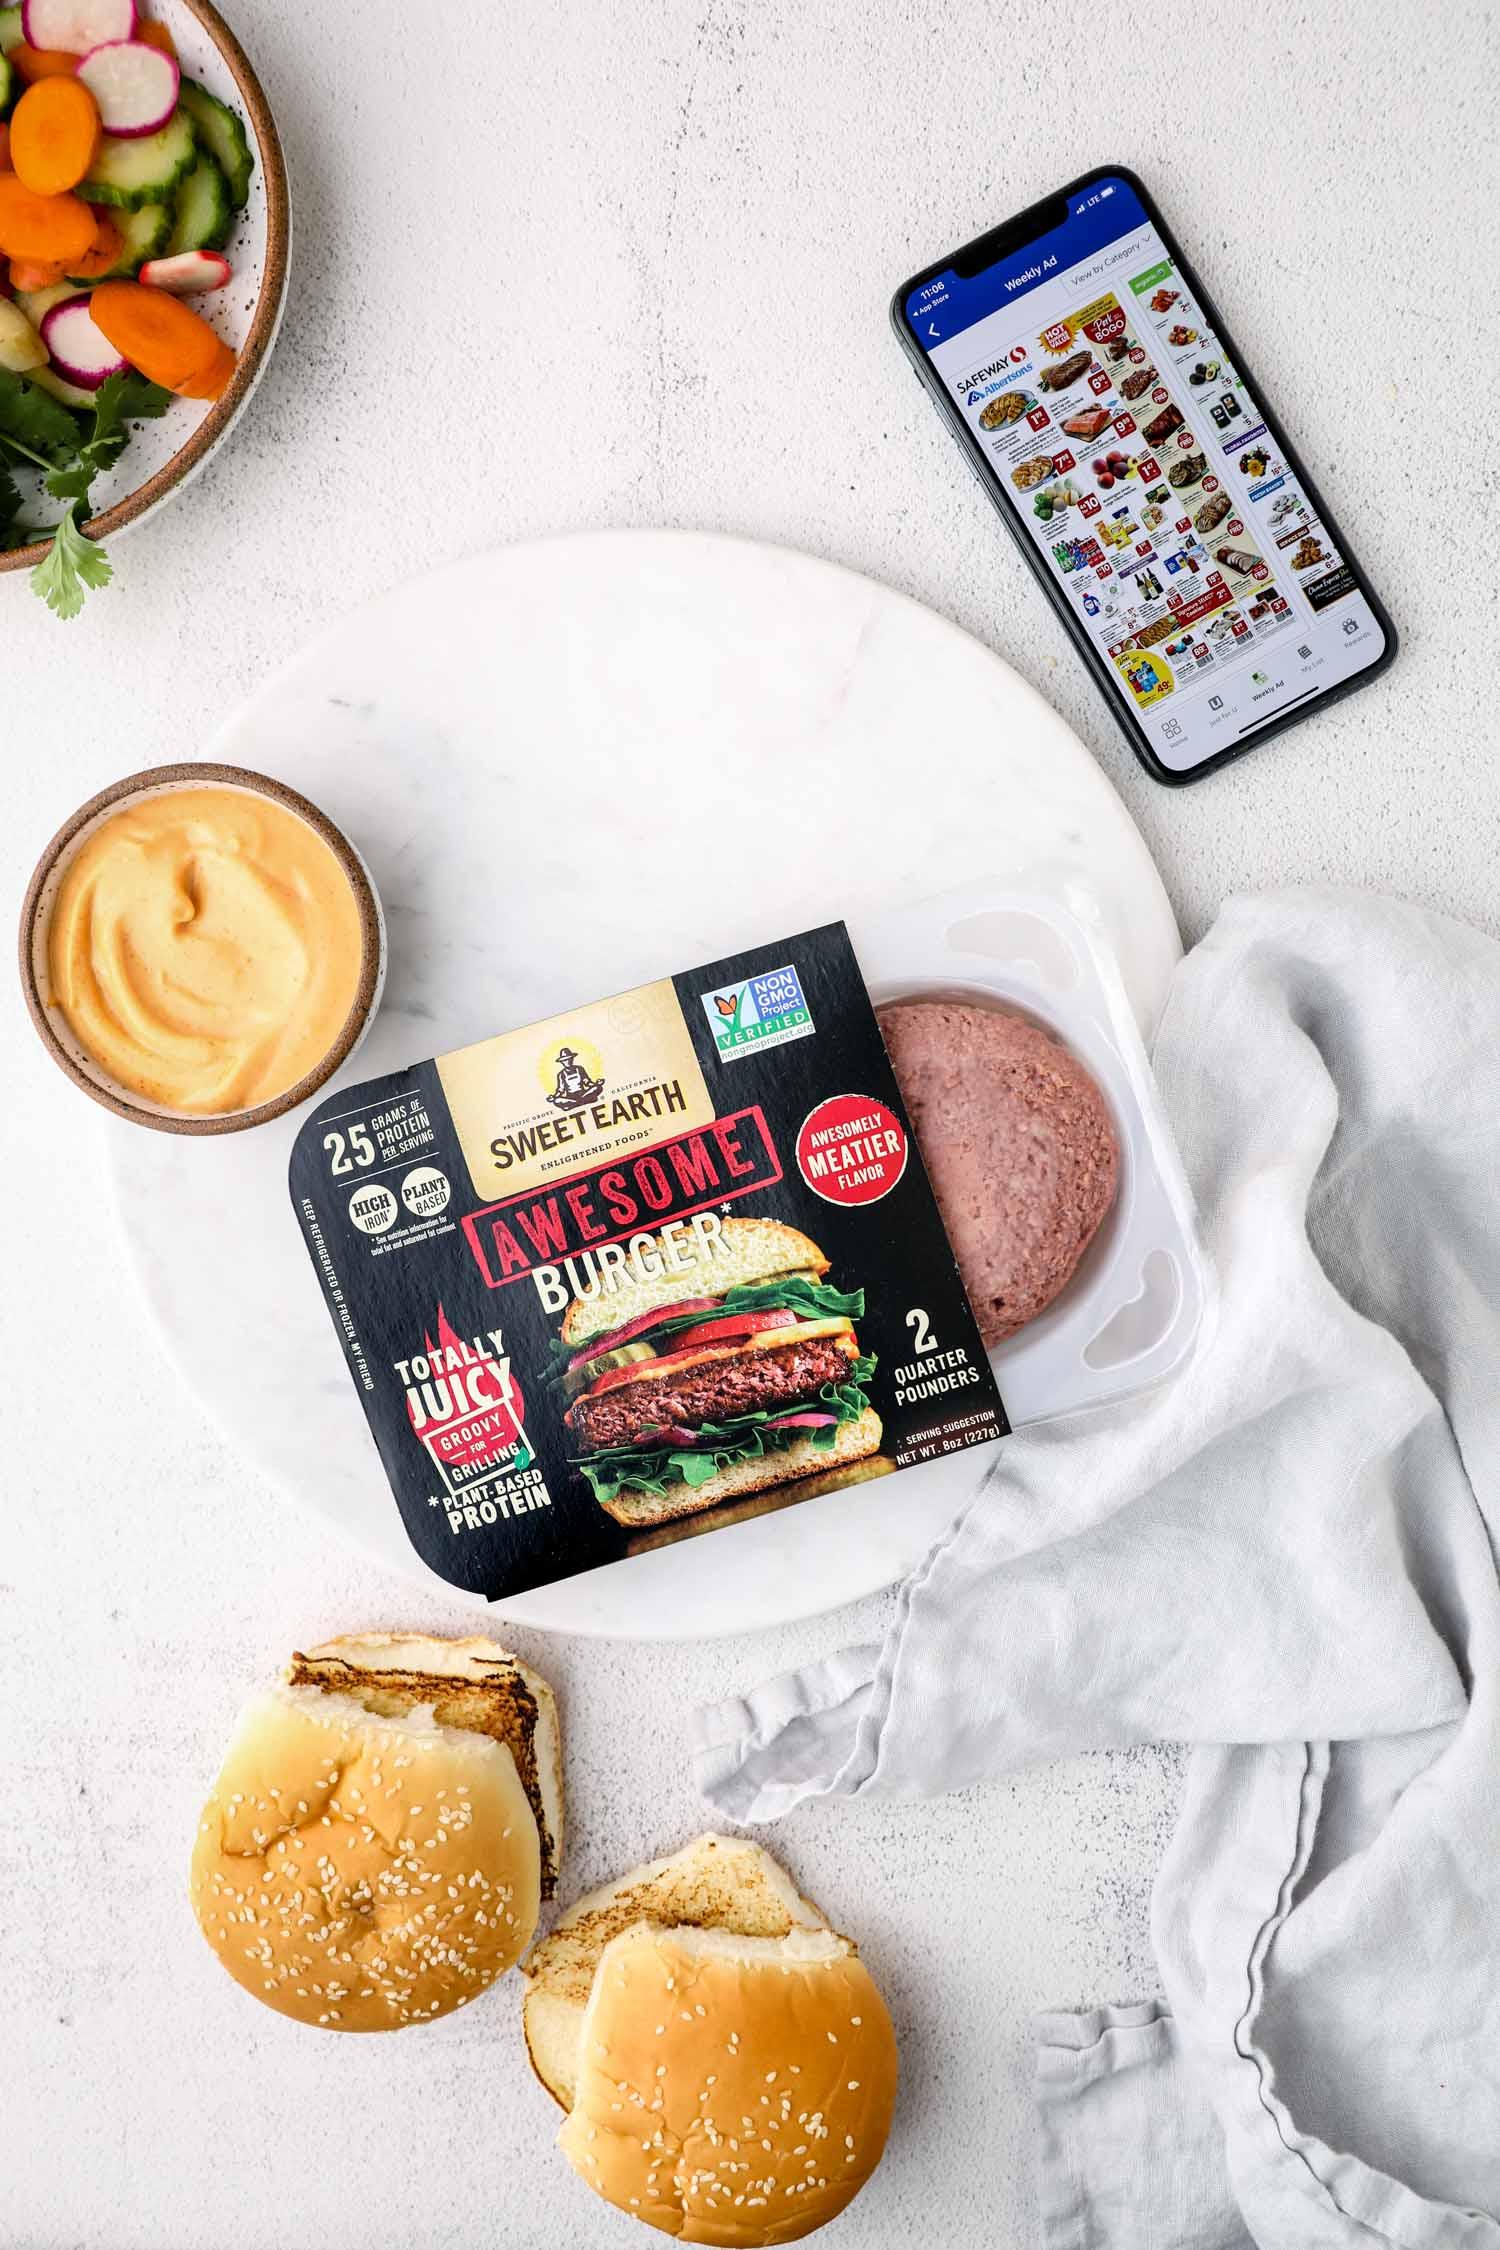 Ingredients to make a vegan bahn mi burger.